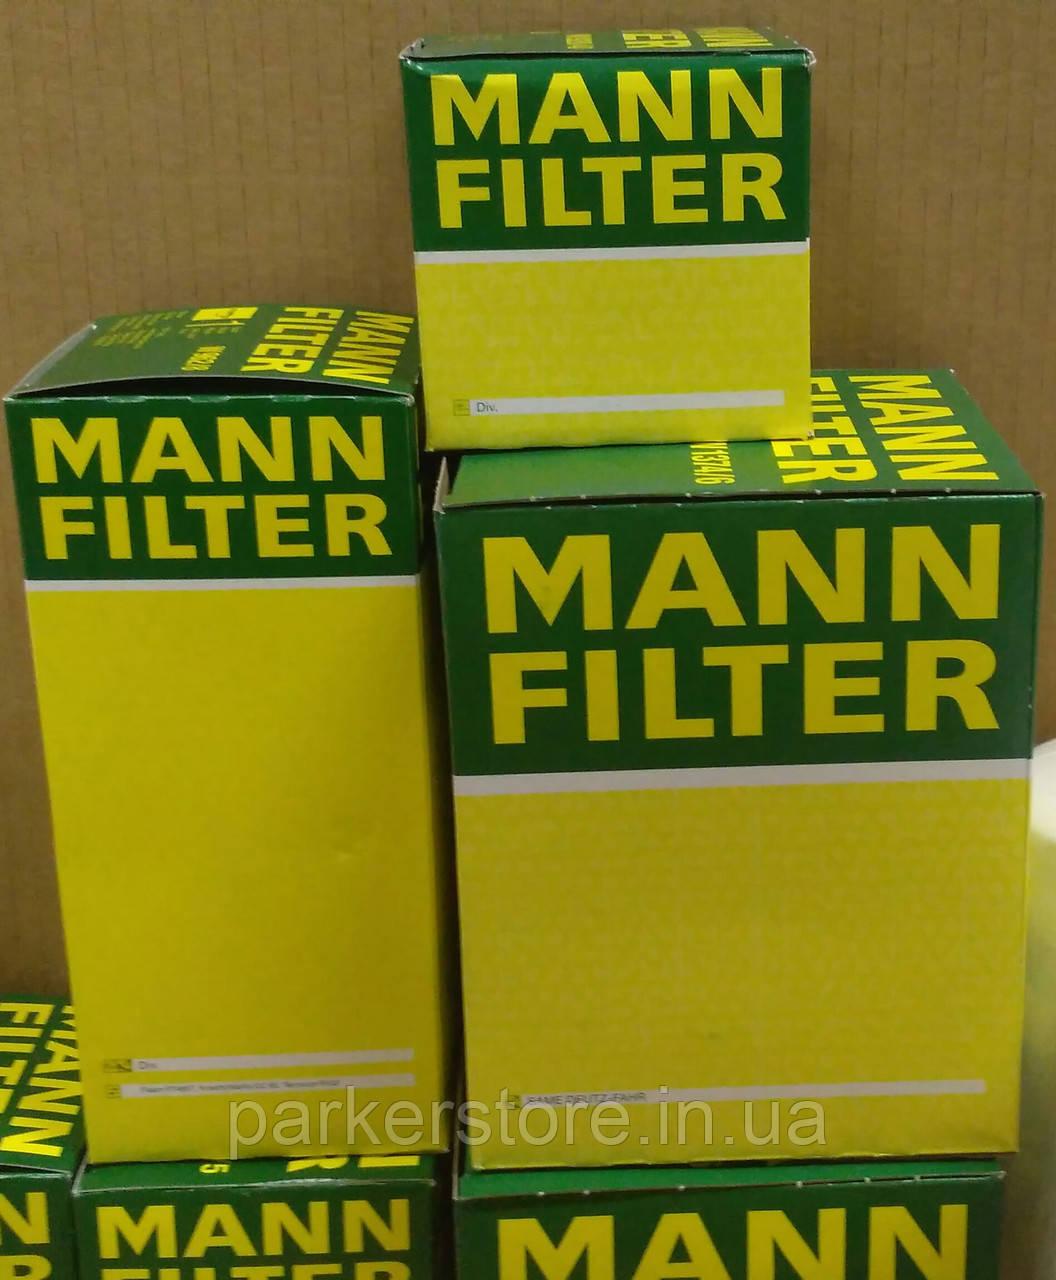 MANN FILTER / Воздушный фильтр / C 30 400/1 / C30400/1